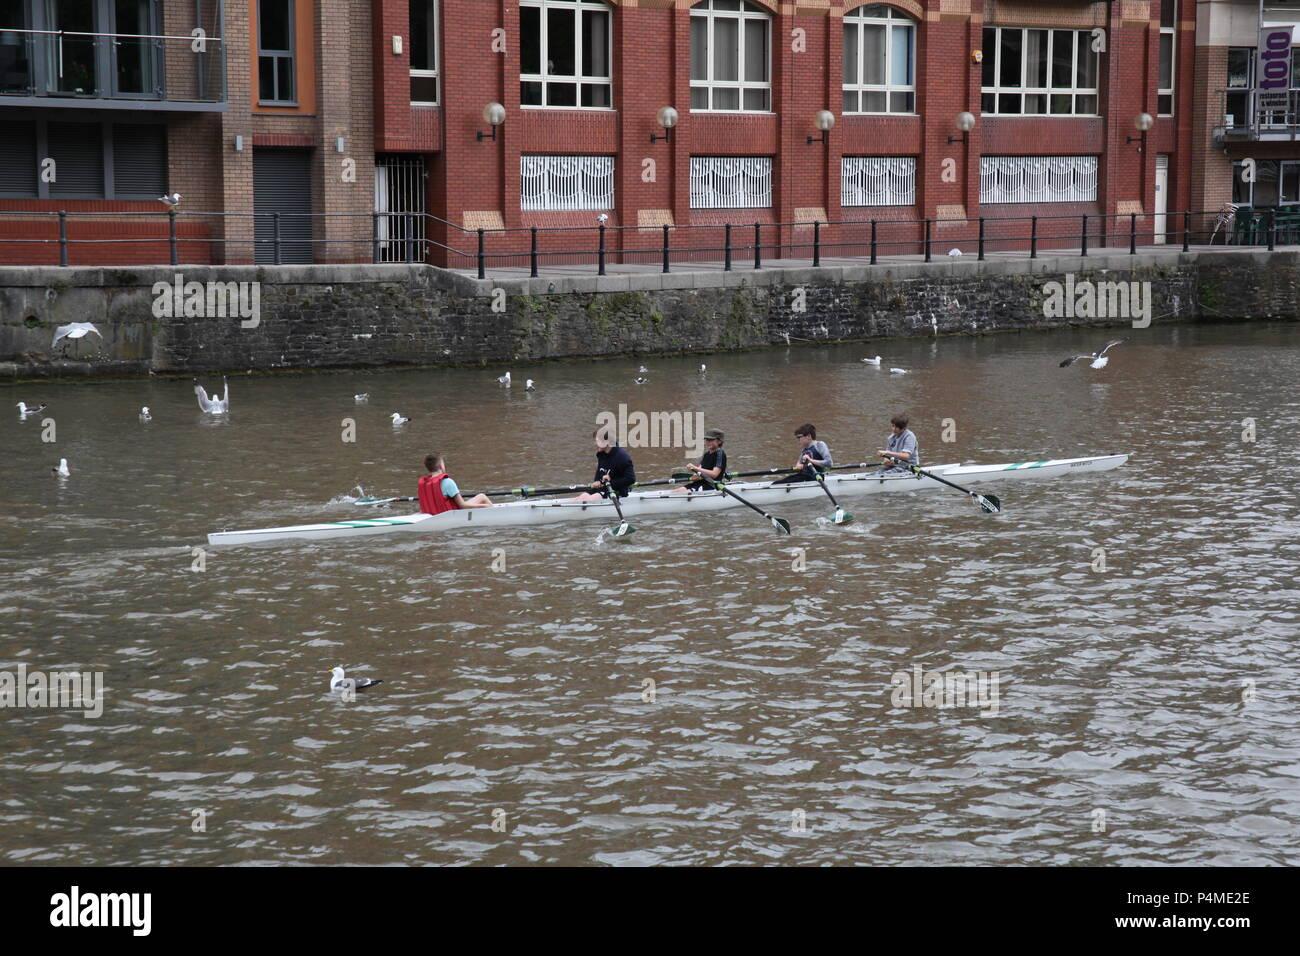 Bambini canottaggio sul fiume Avon, Bristol, Inghilterra. Immagini Stock